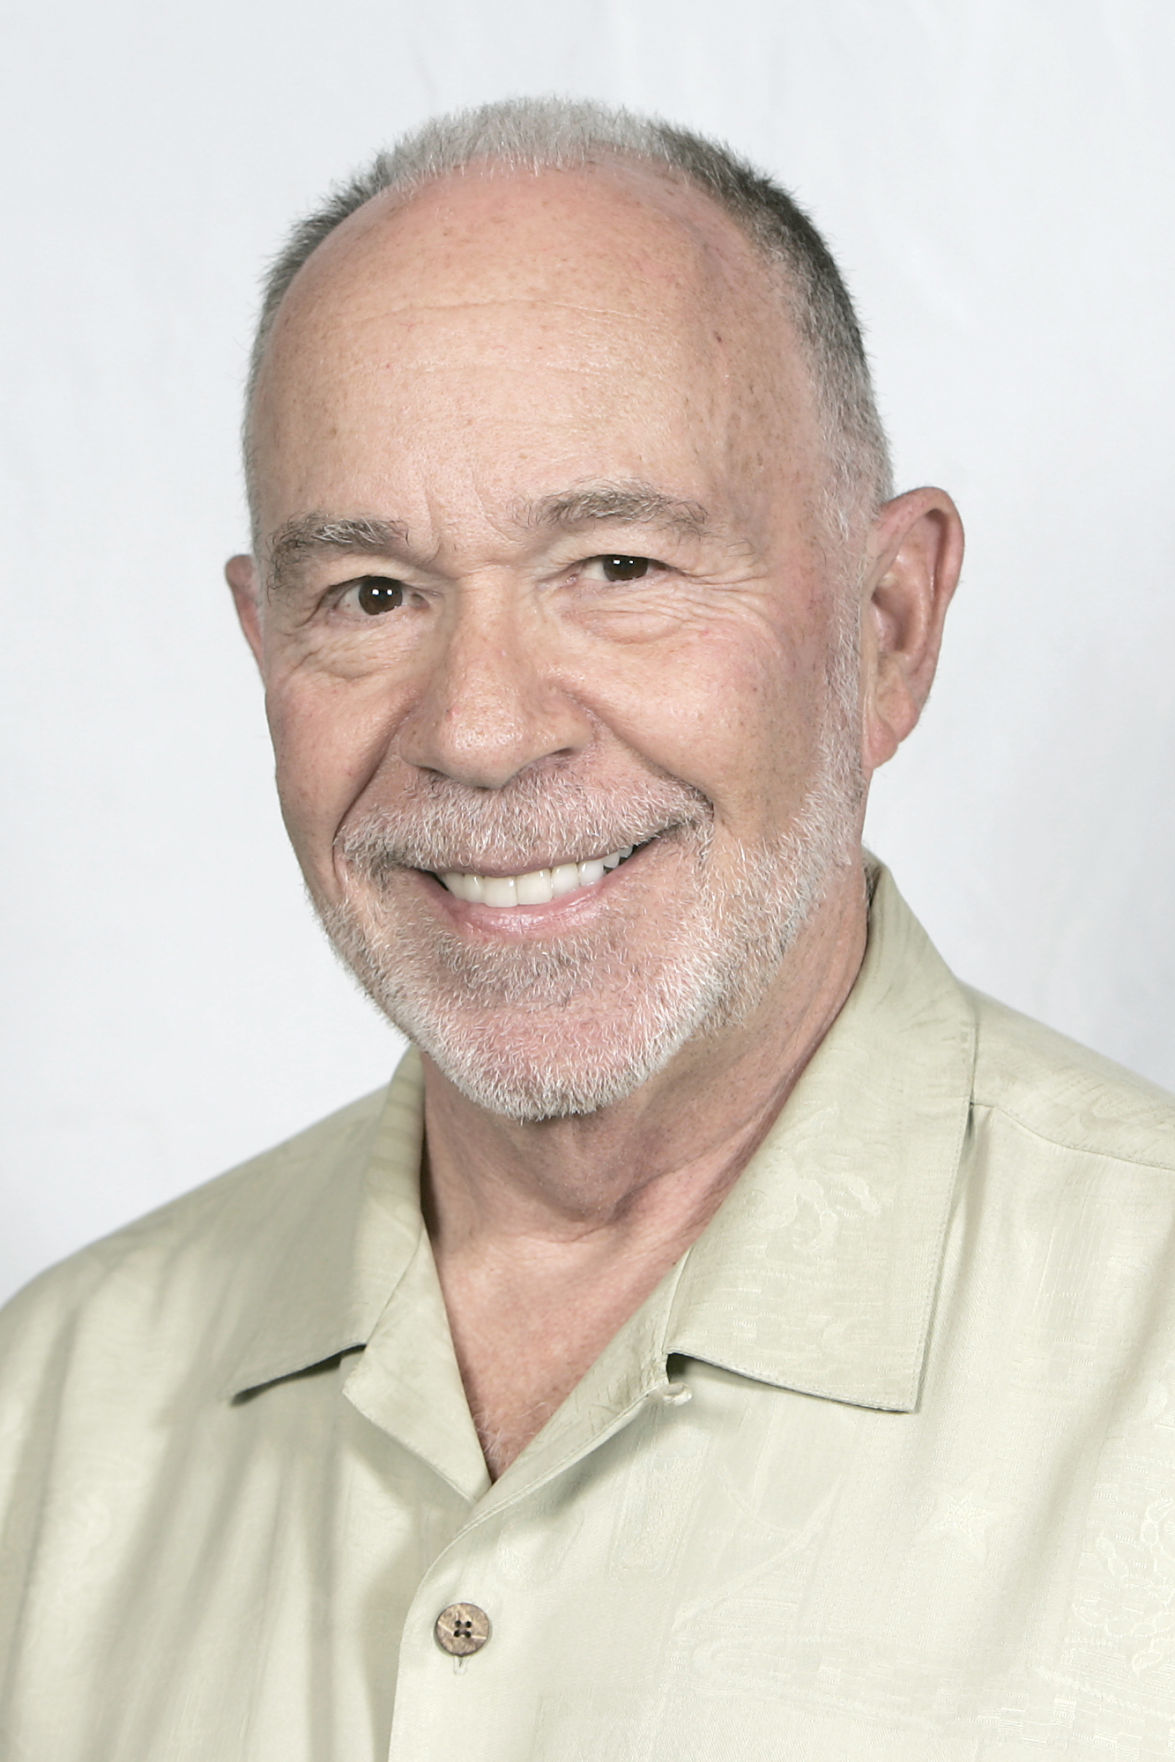 David Kerns